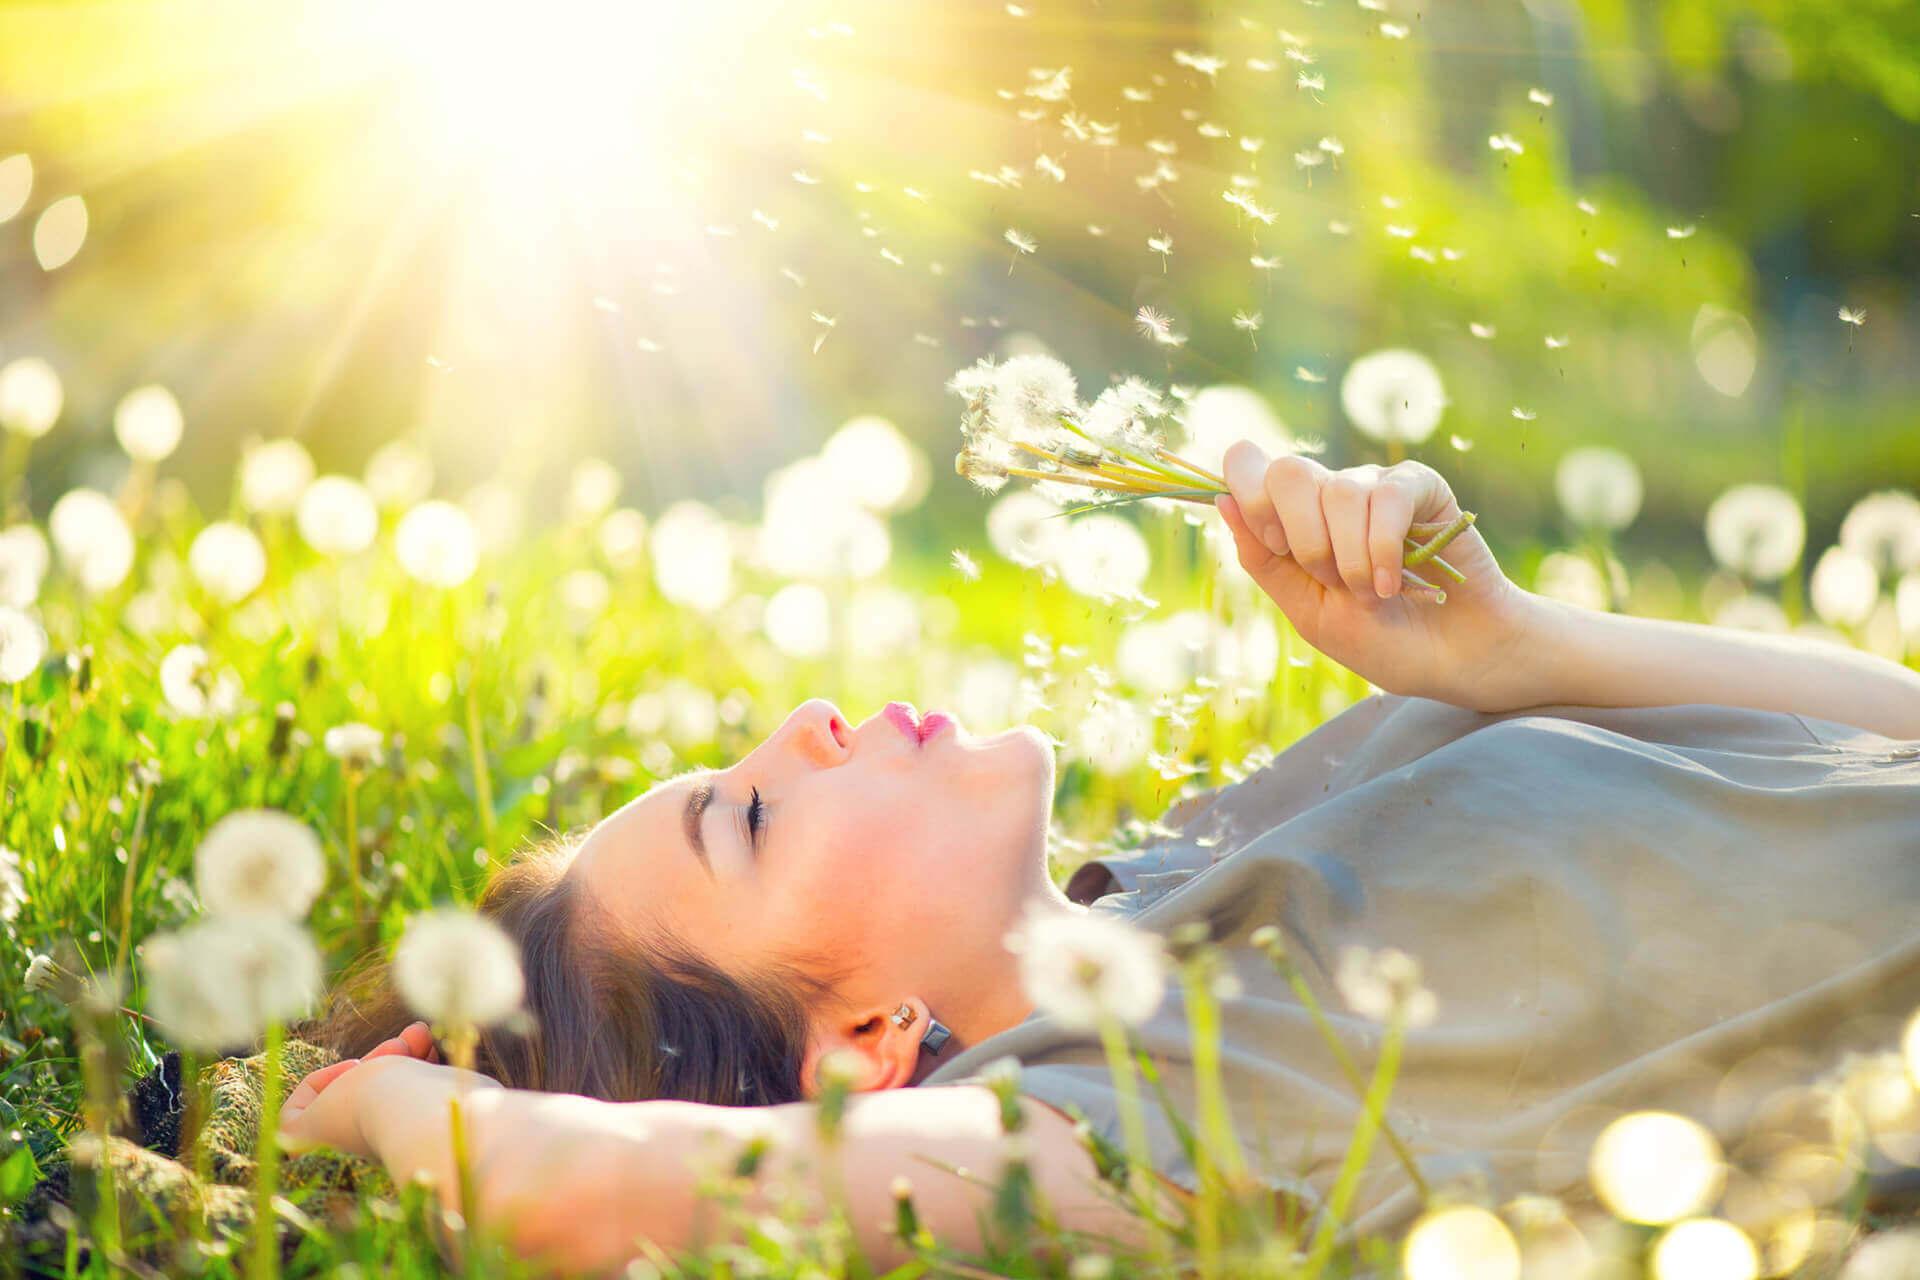 Woman lying in meadow blowing dandelions